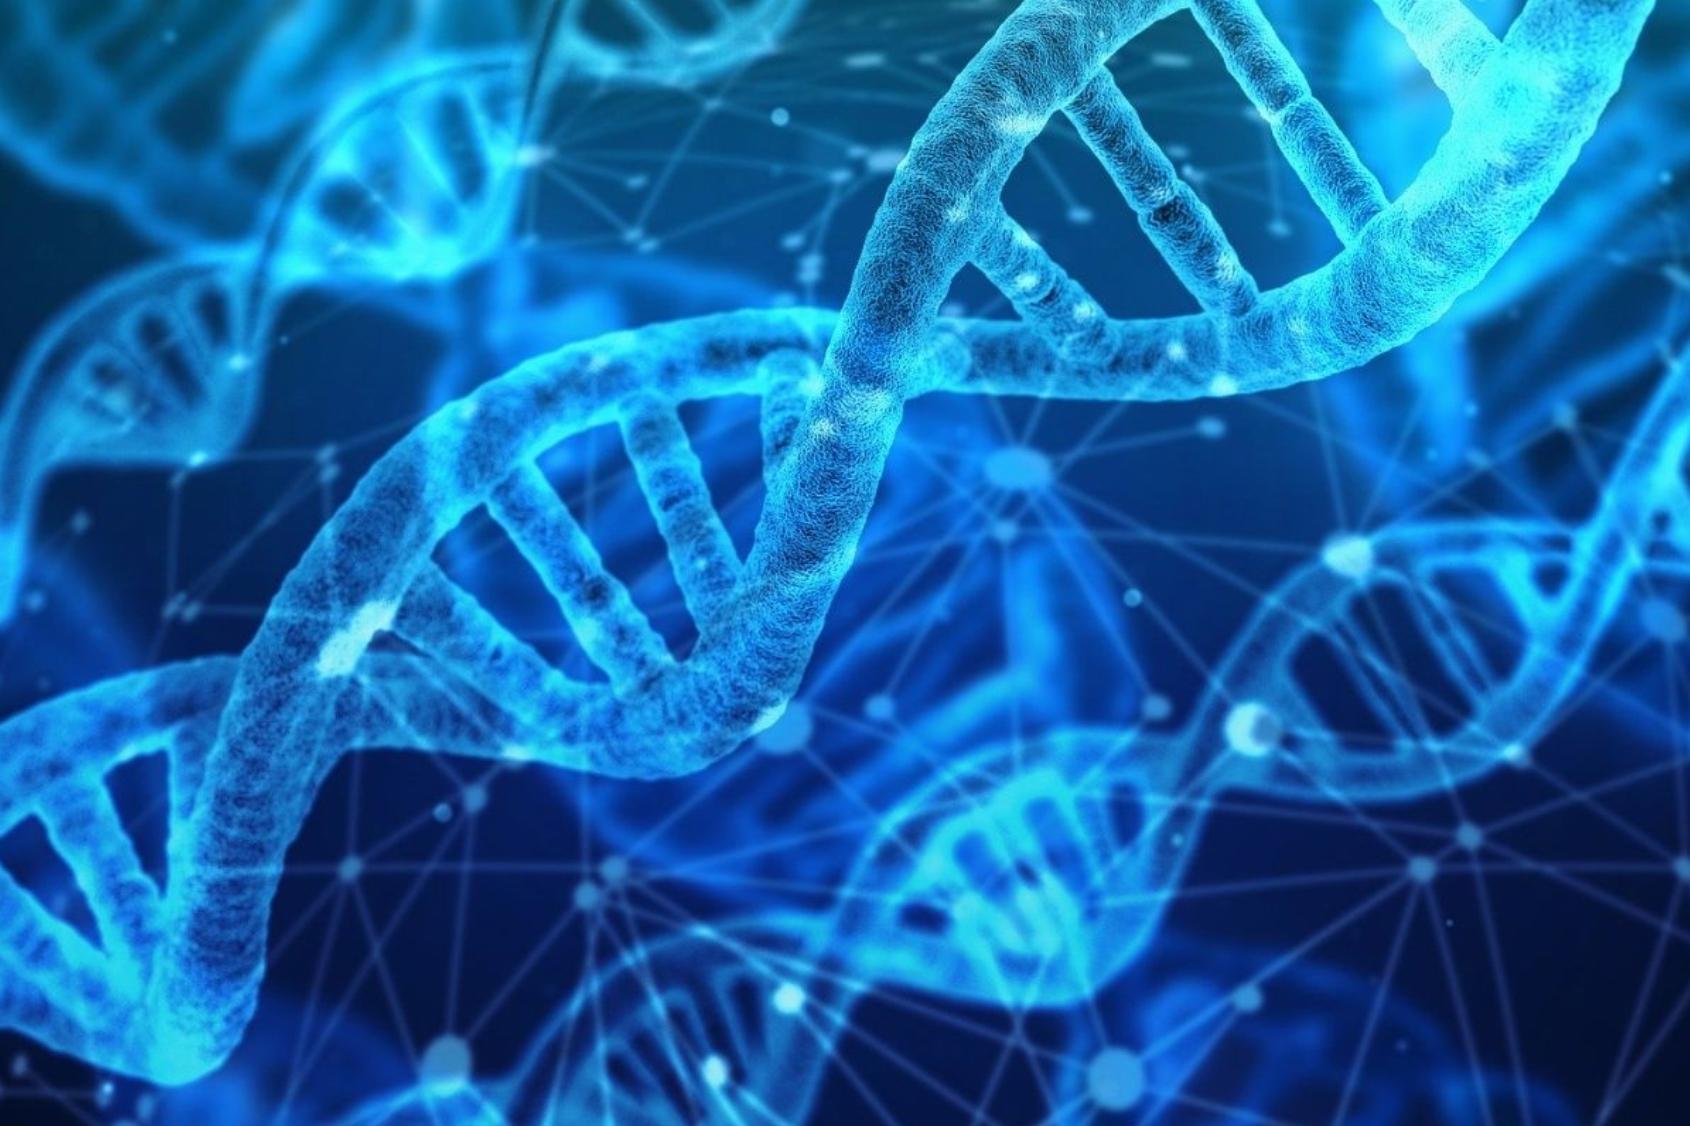 DNA zelf-healing